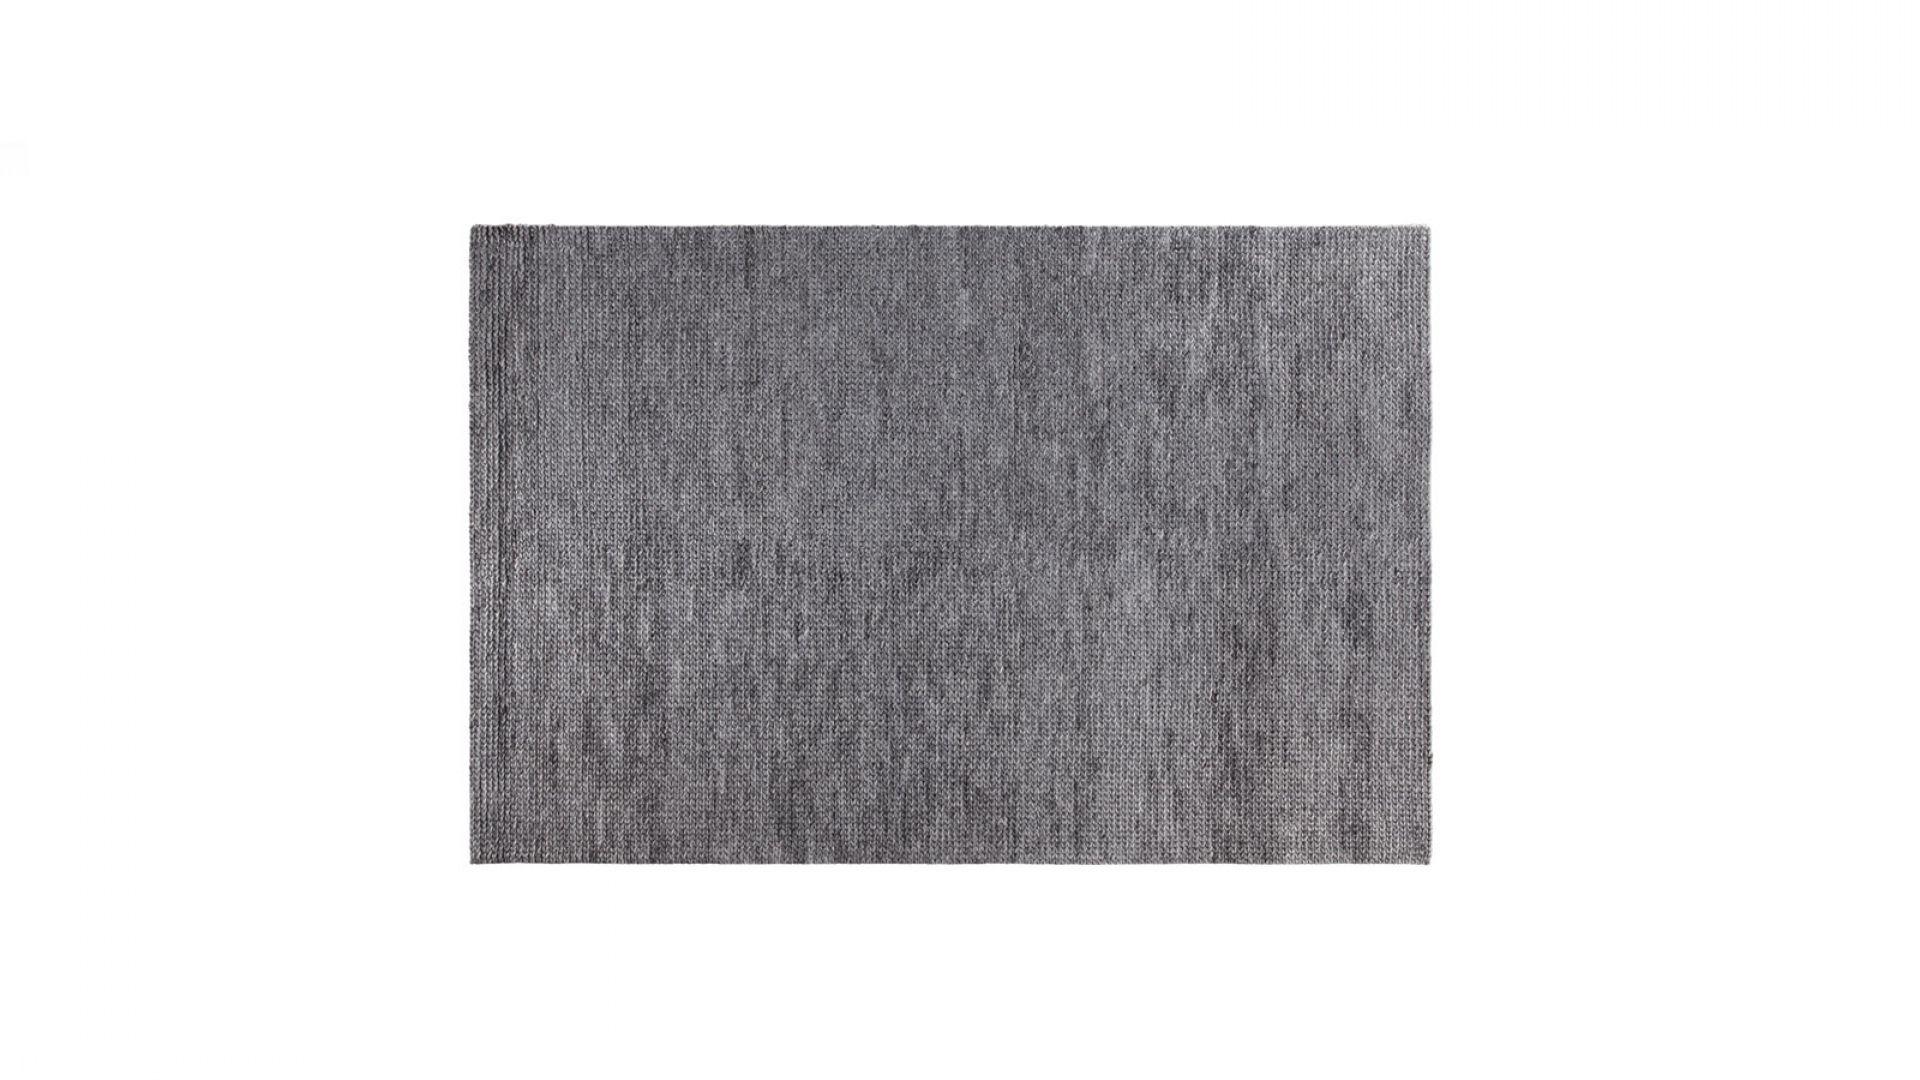 r861lgx-ottavio--athmos-braided--grey-sc-1920x1080